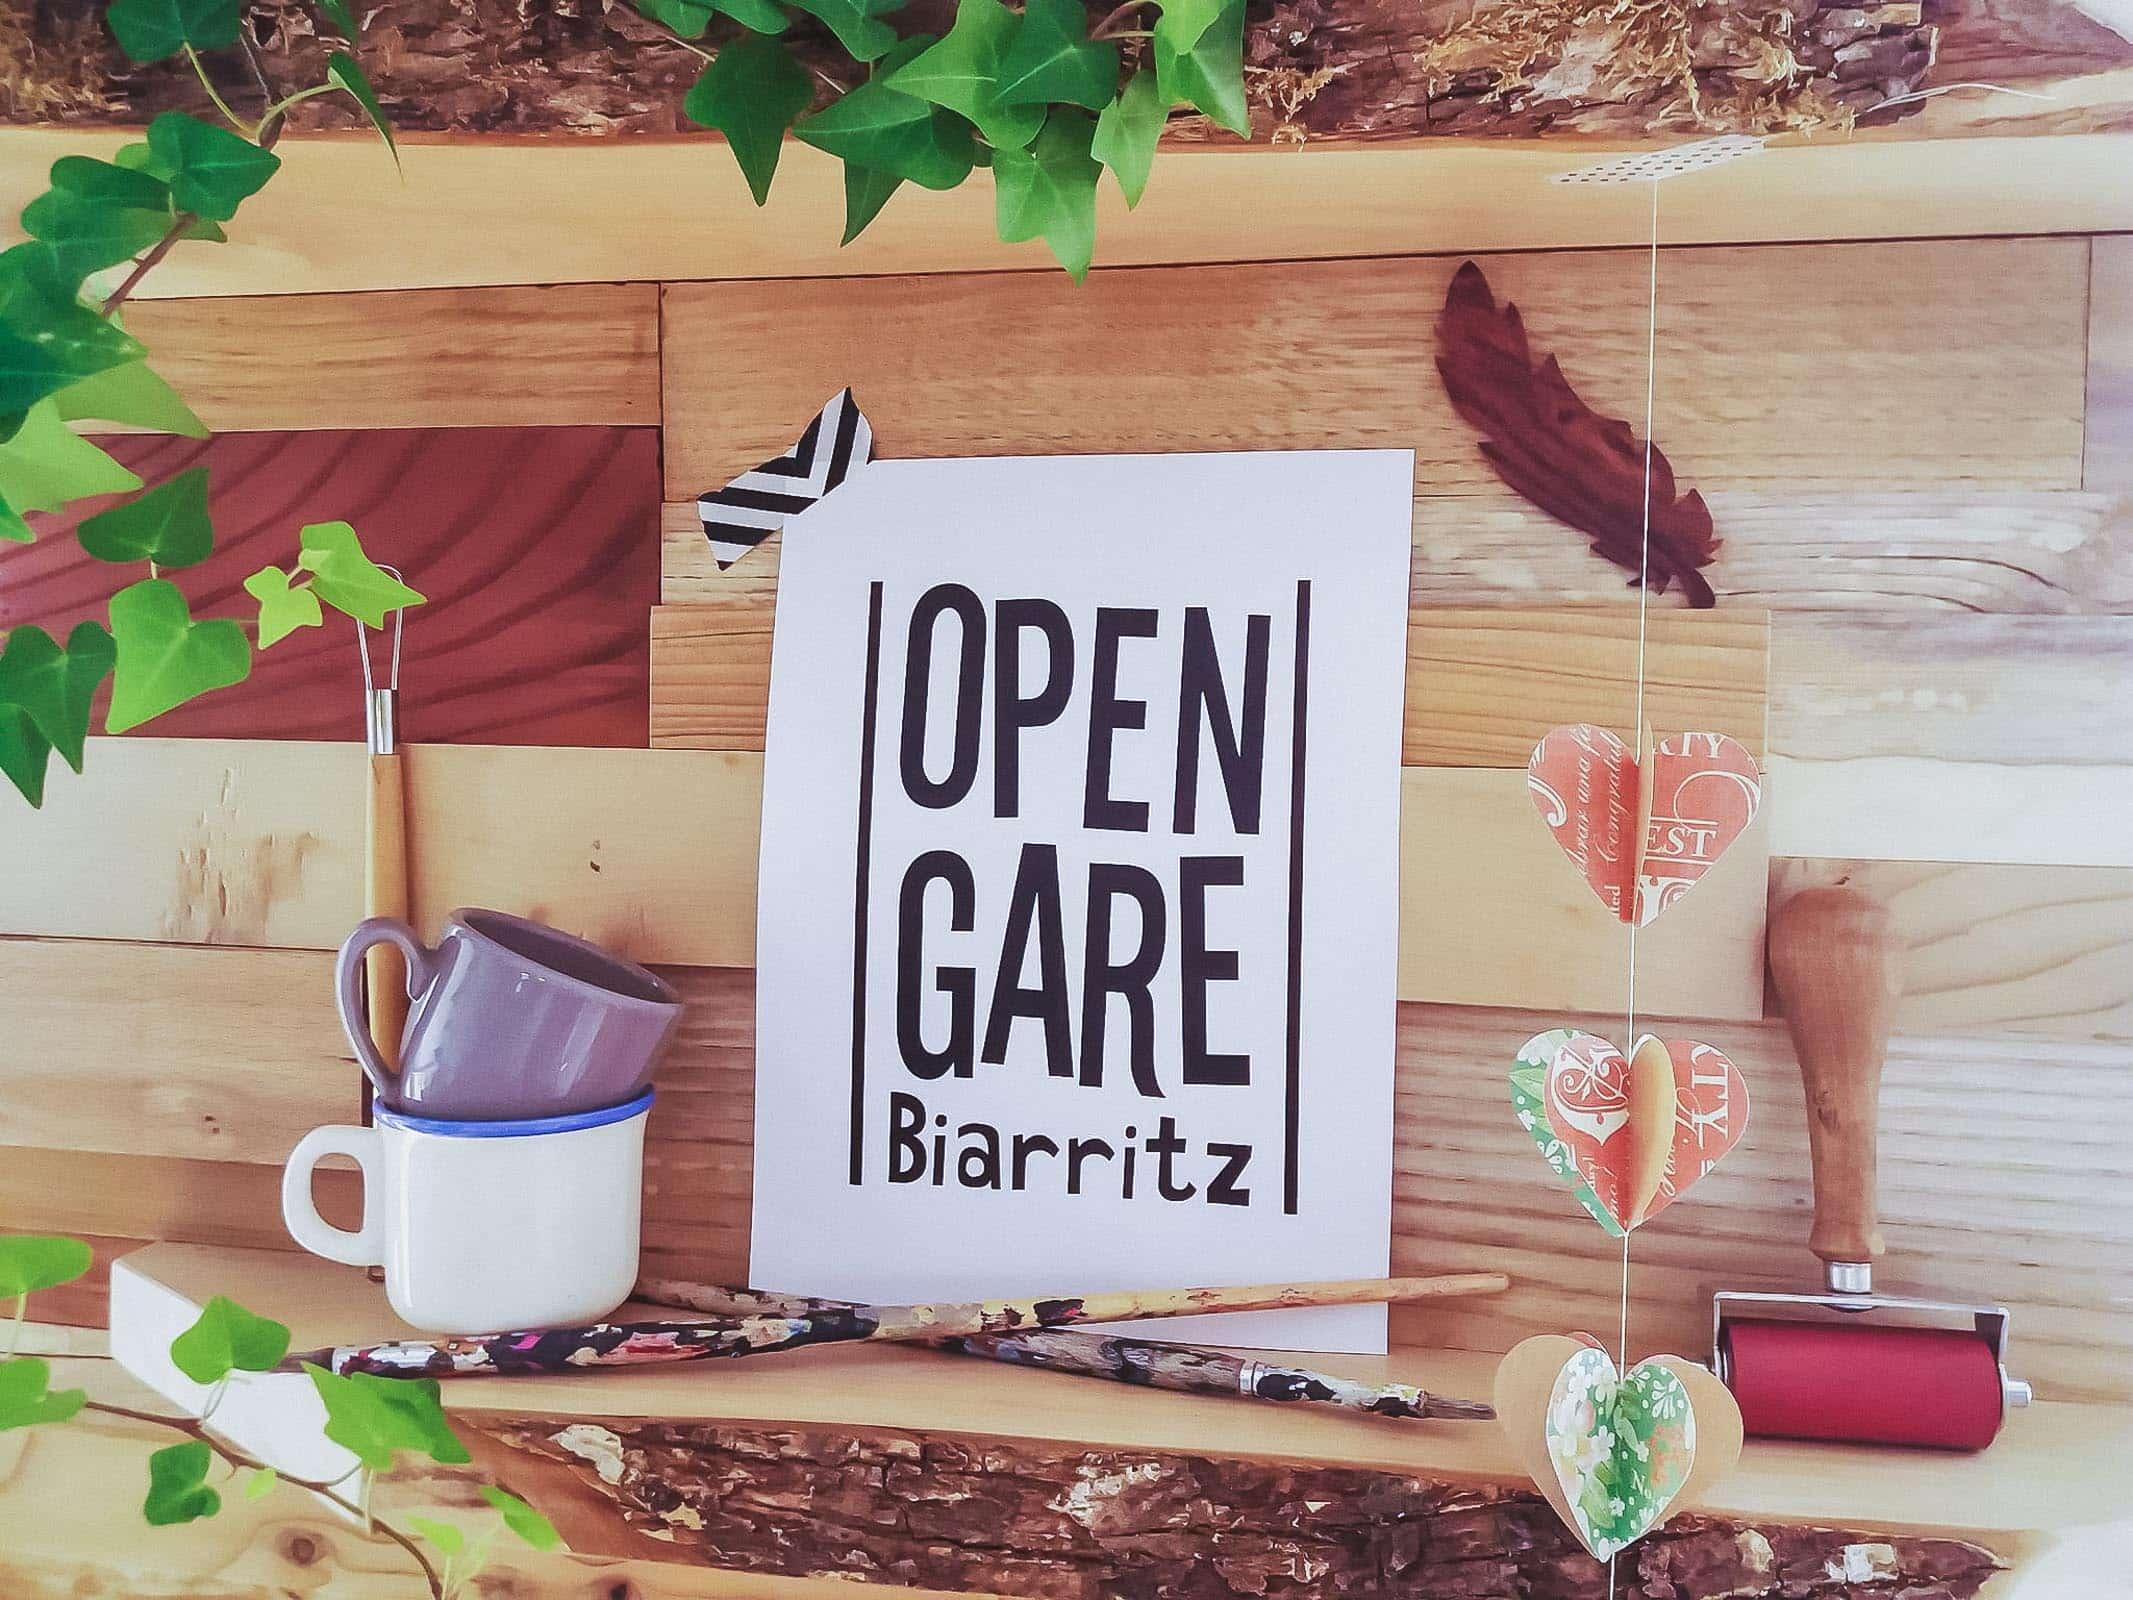 Open Gare Biarritz lieu alternatif coworking, concept store et ateliers